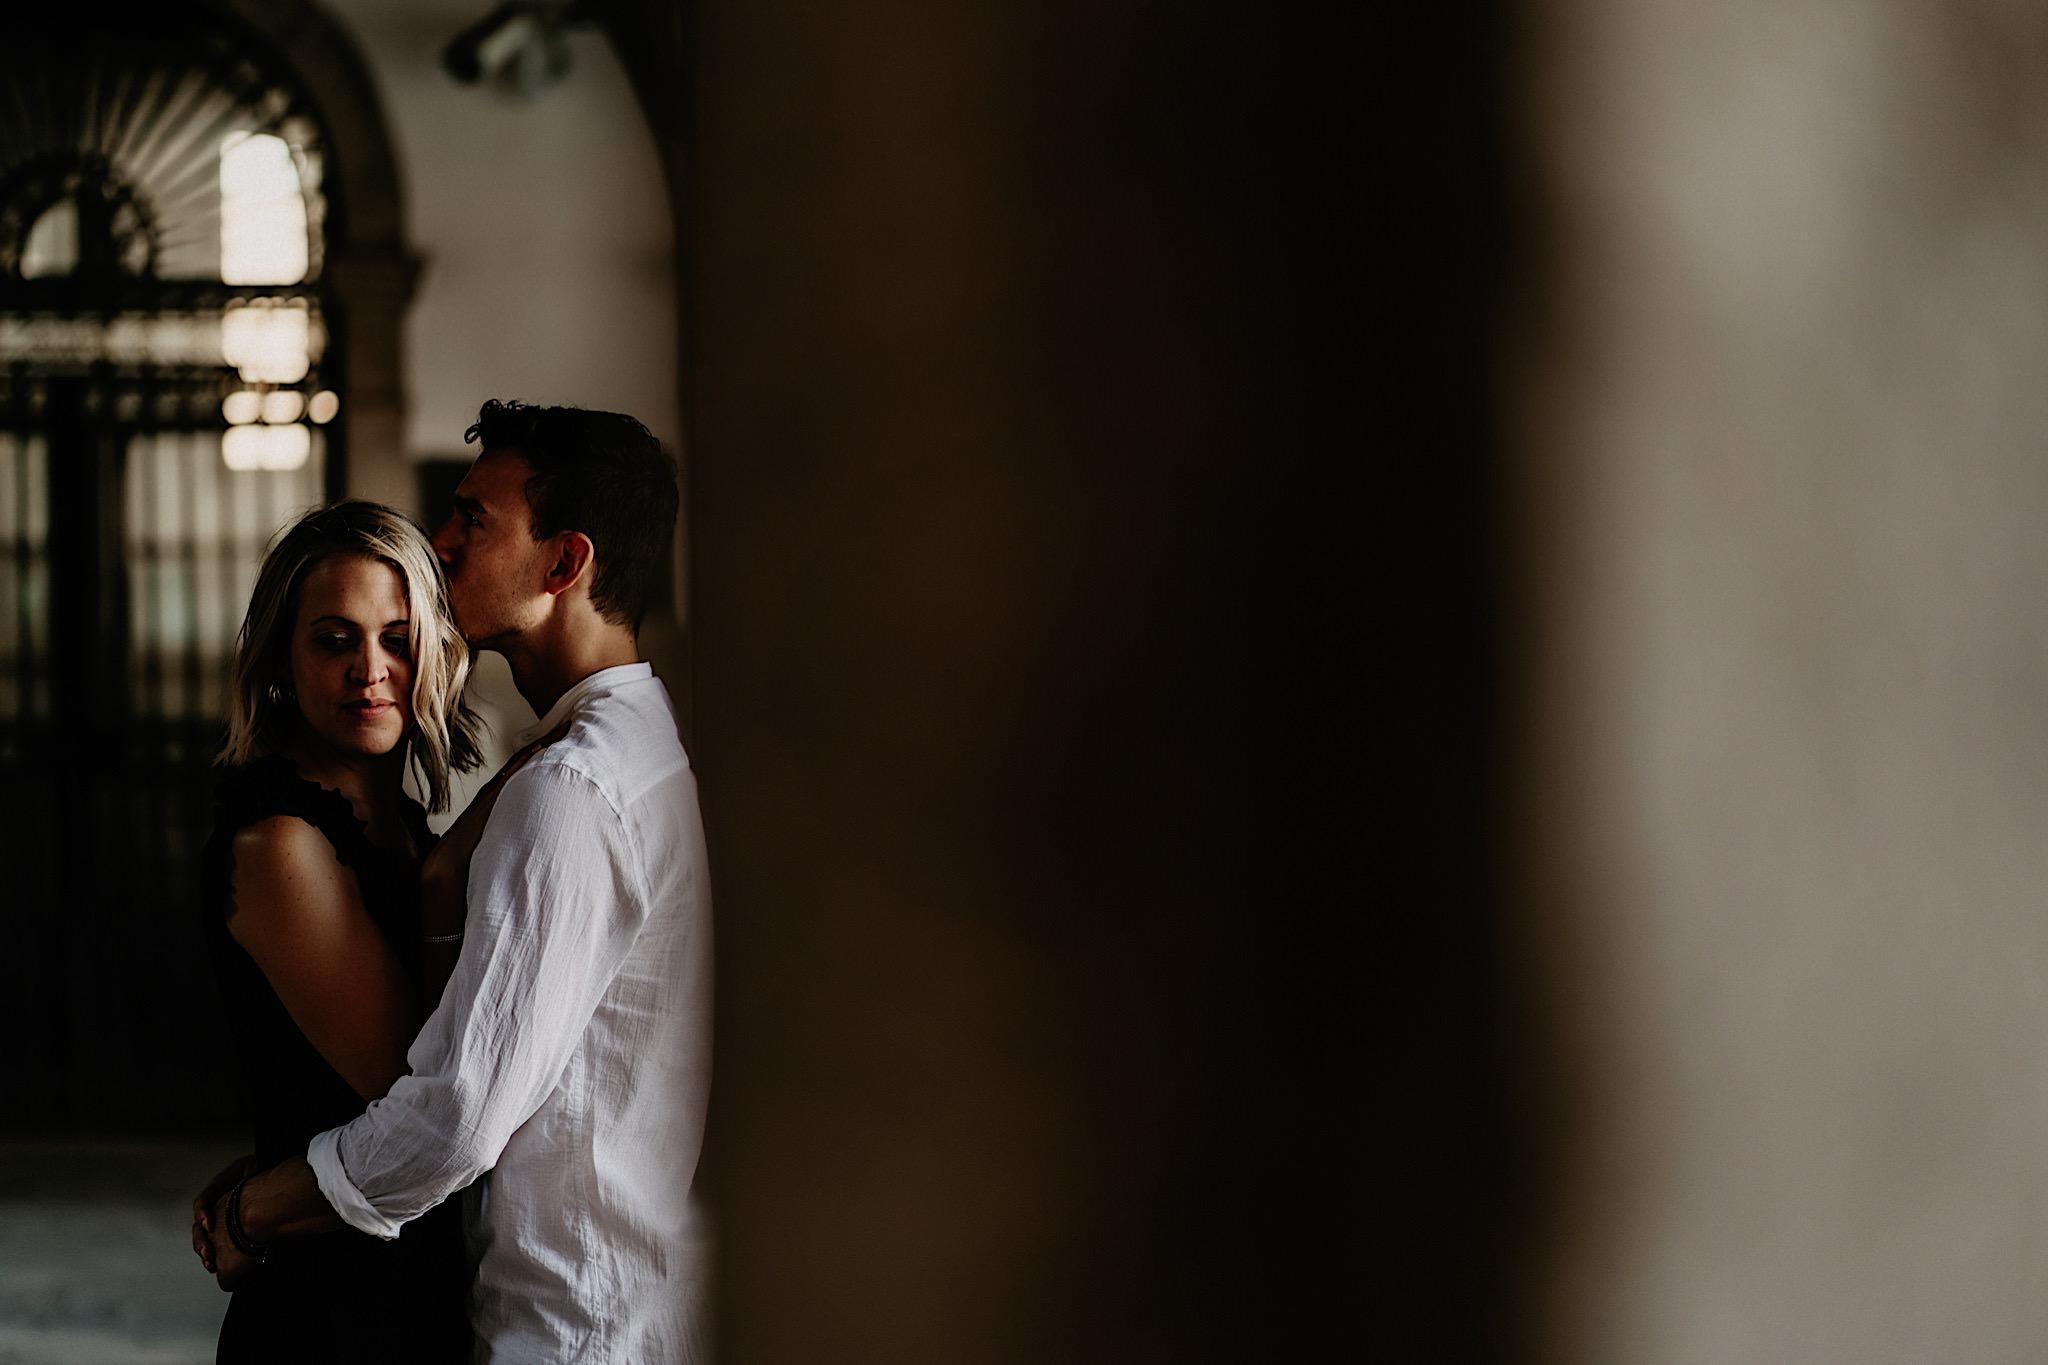 11_venezia_tramonto_matrimonio_proposta